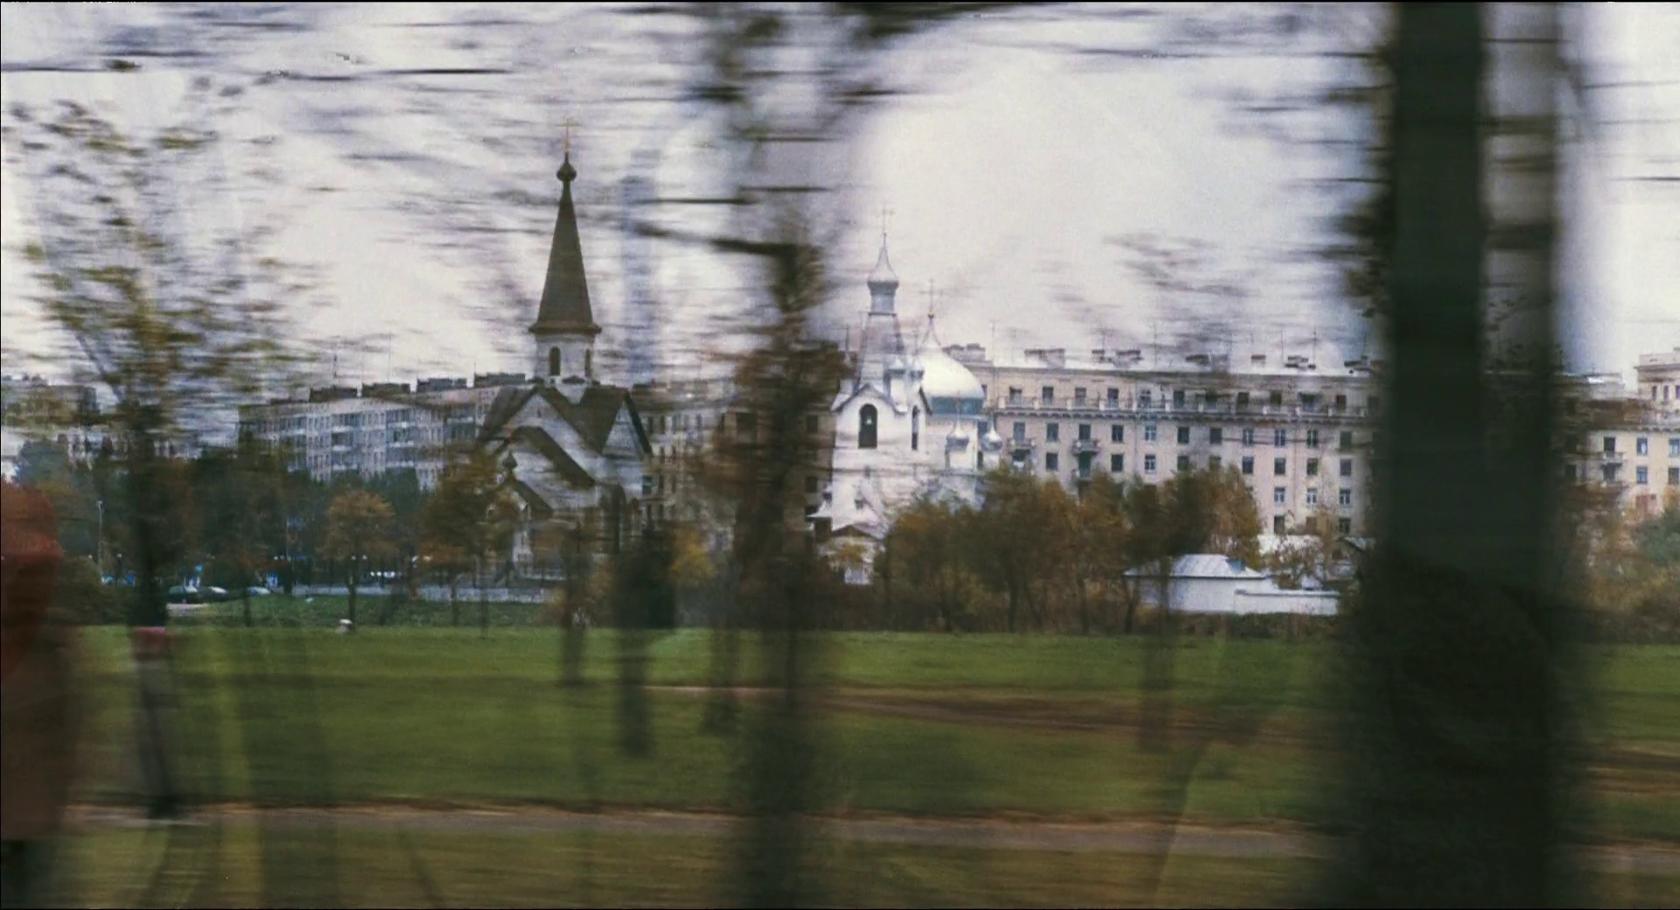 Первое, что мы видим глазами Дольфа Лундгрена после того, как он прибыл в Петербург, – Пулковский парк с частью его храмового комплекса.